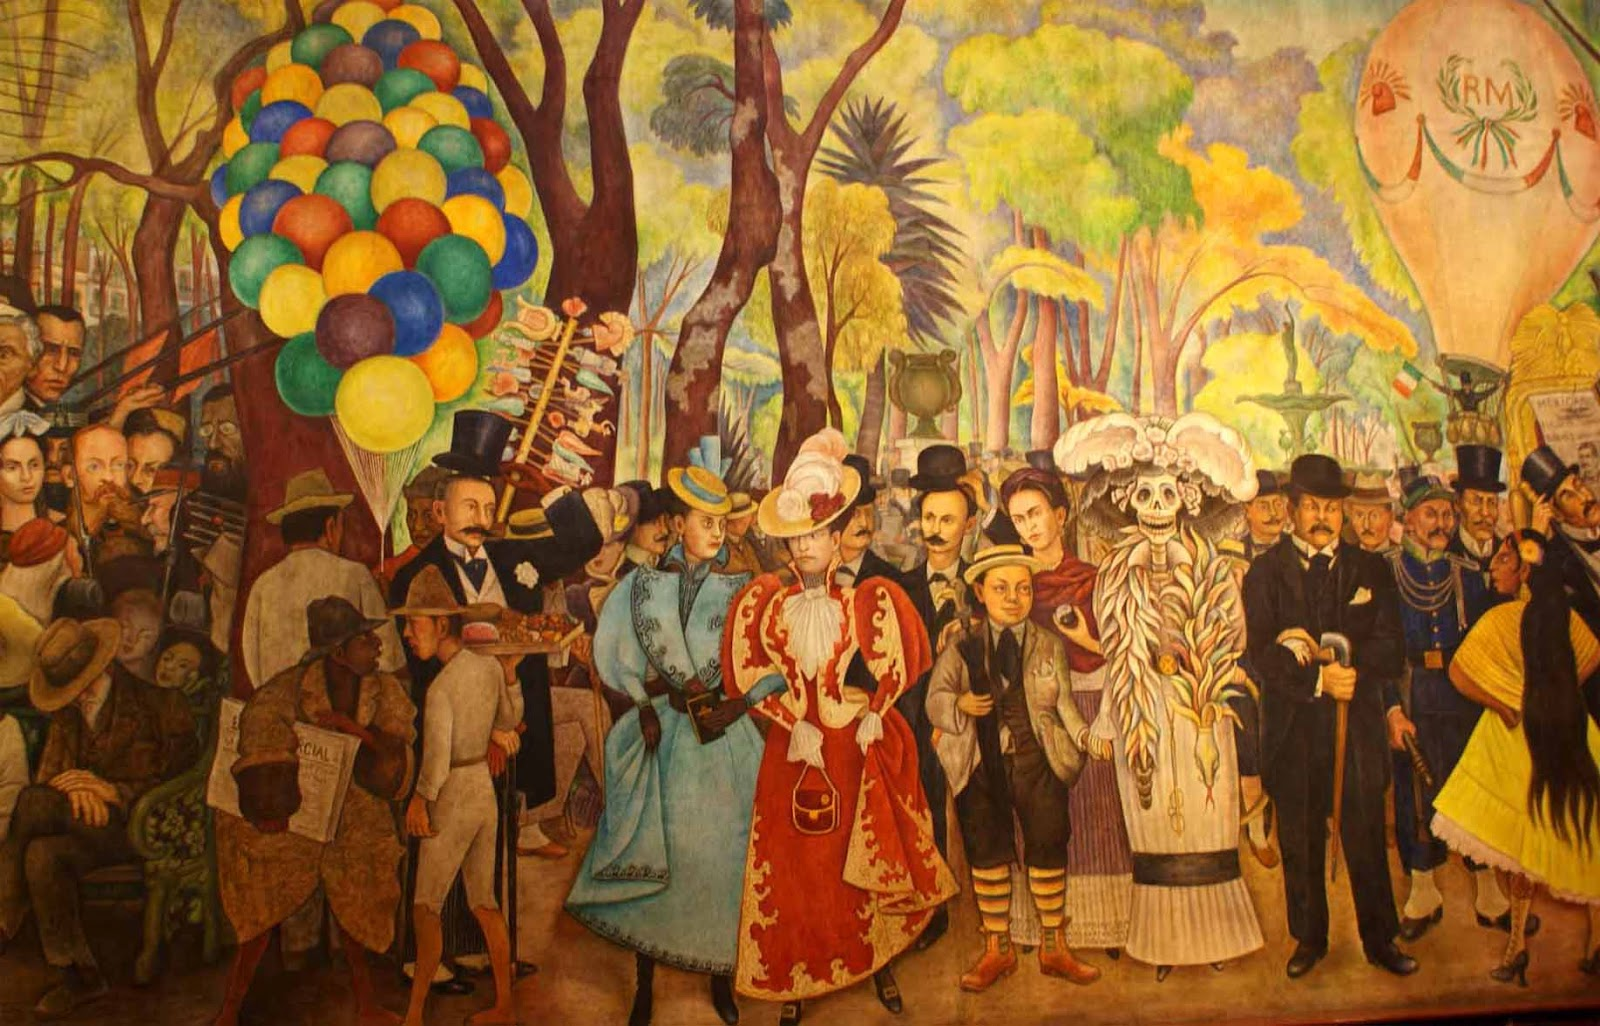 museo mural diego rivera en la alameda caminando por la